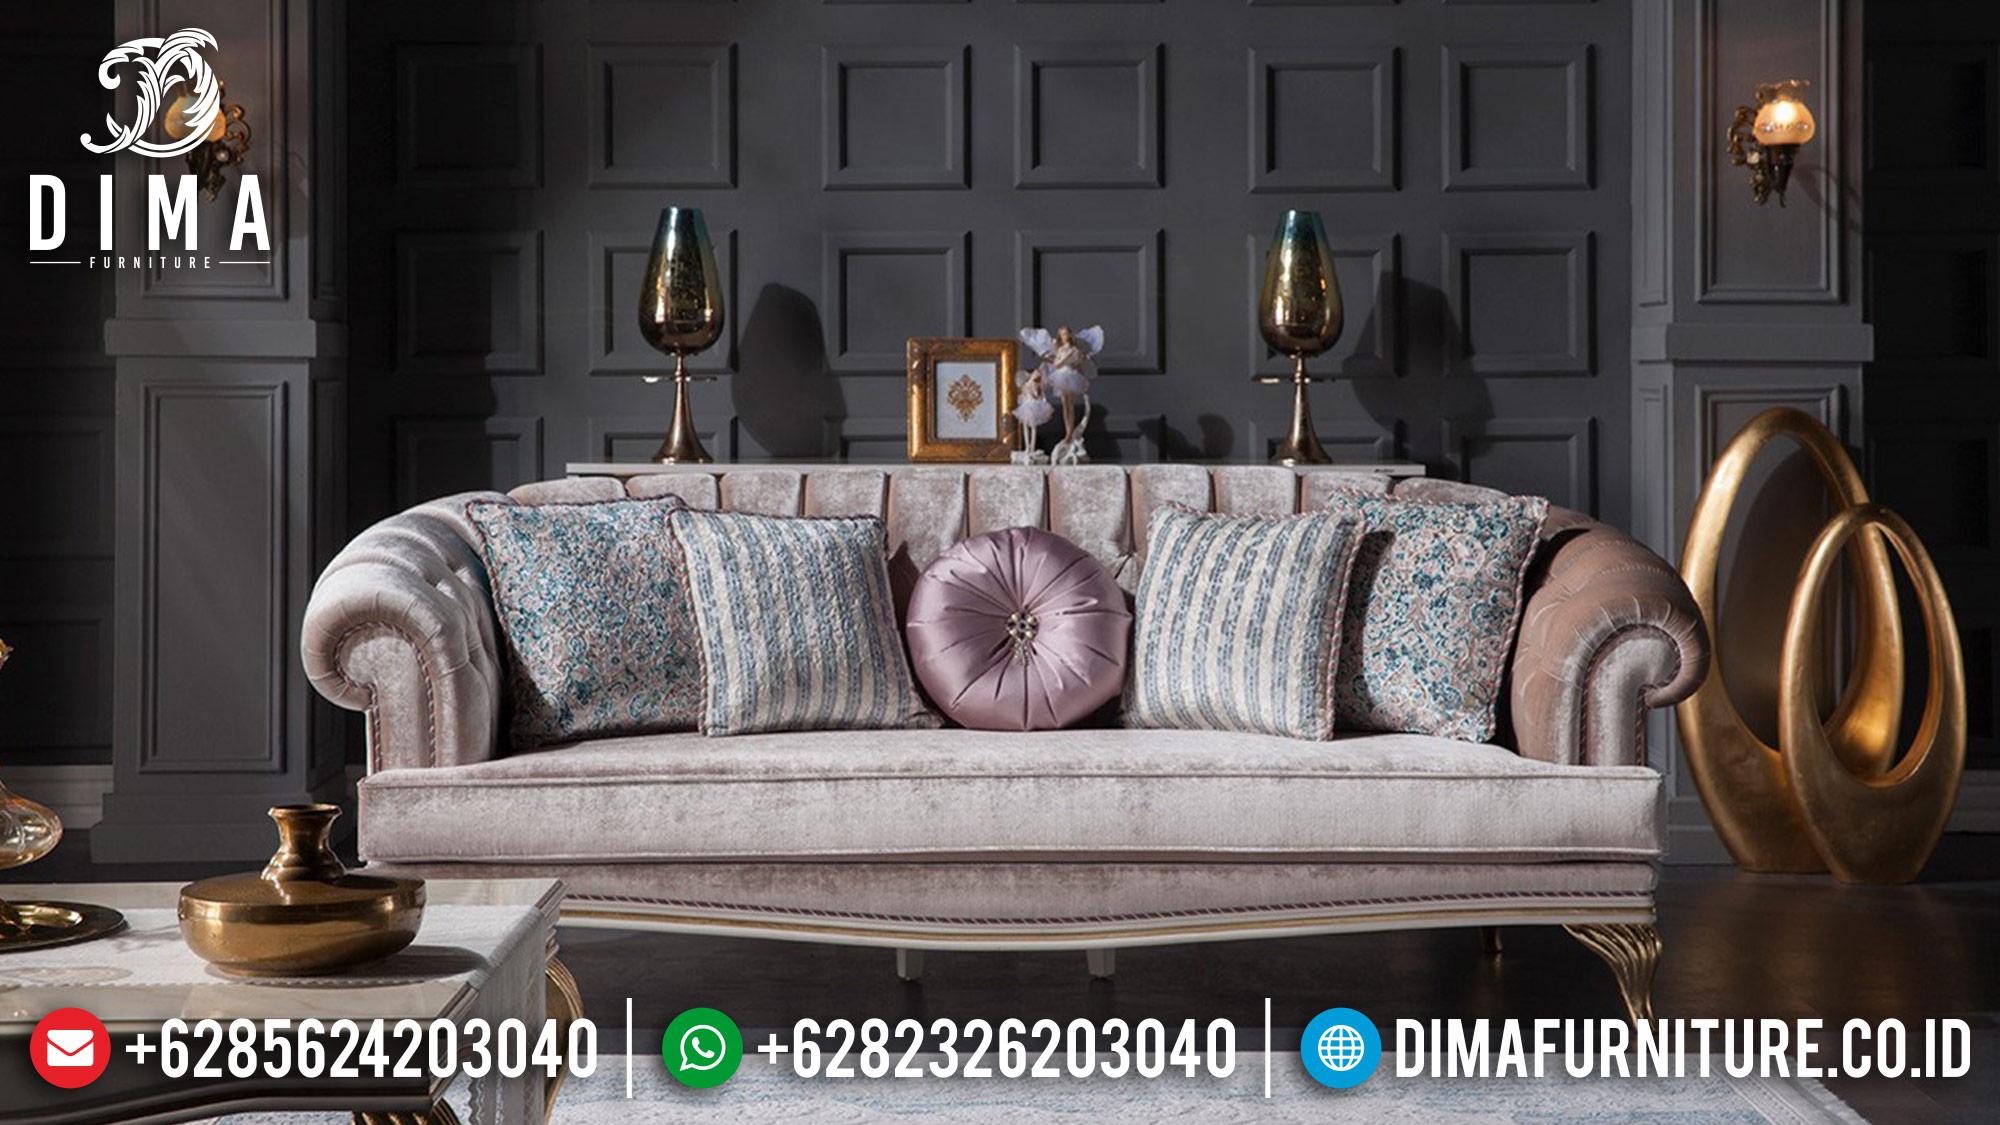 Mebel Jepara Terbaru Set Sofa Tamu Mewah Elite Koltuk DF-0567 Gambar 2